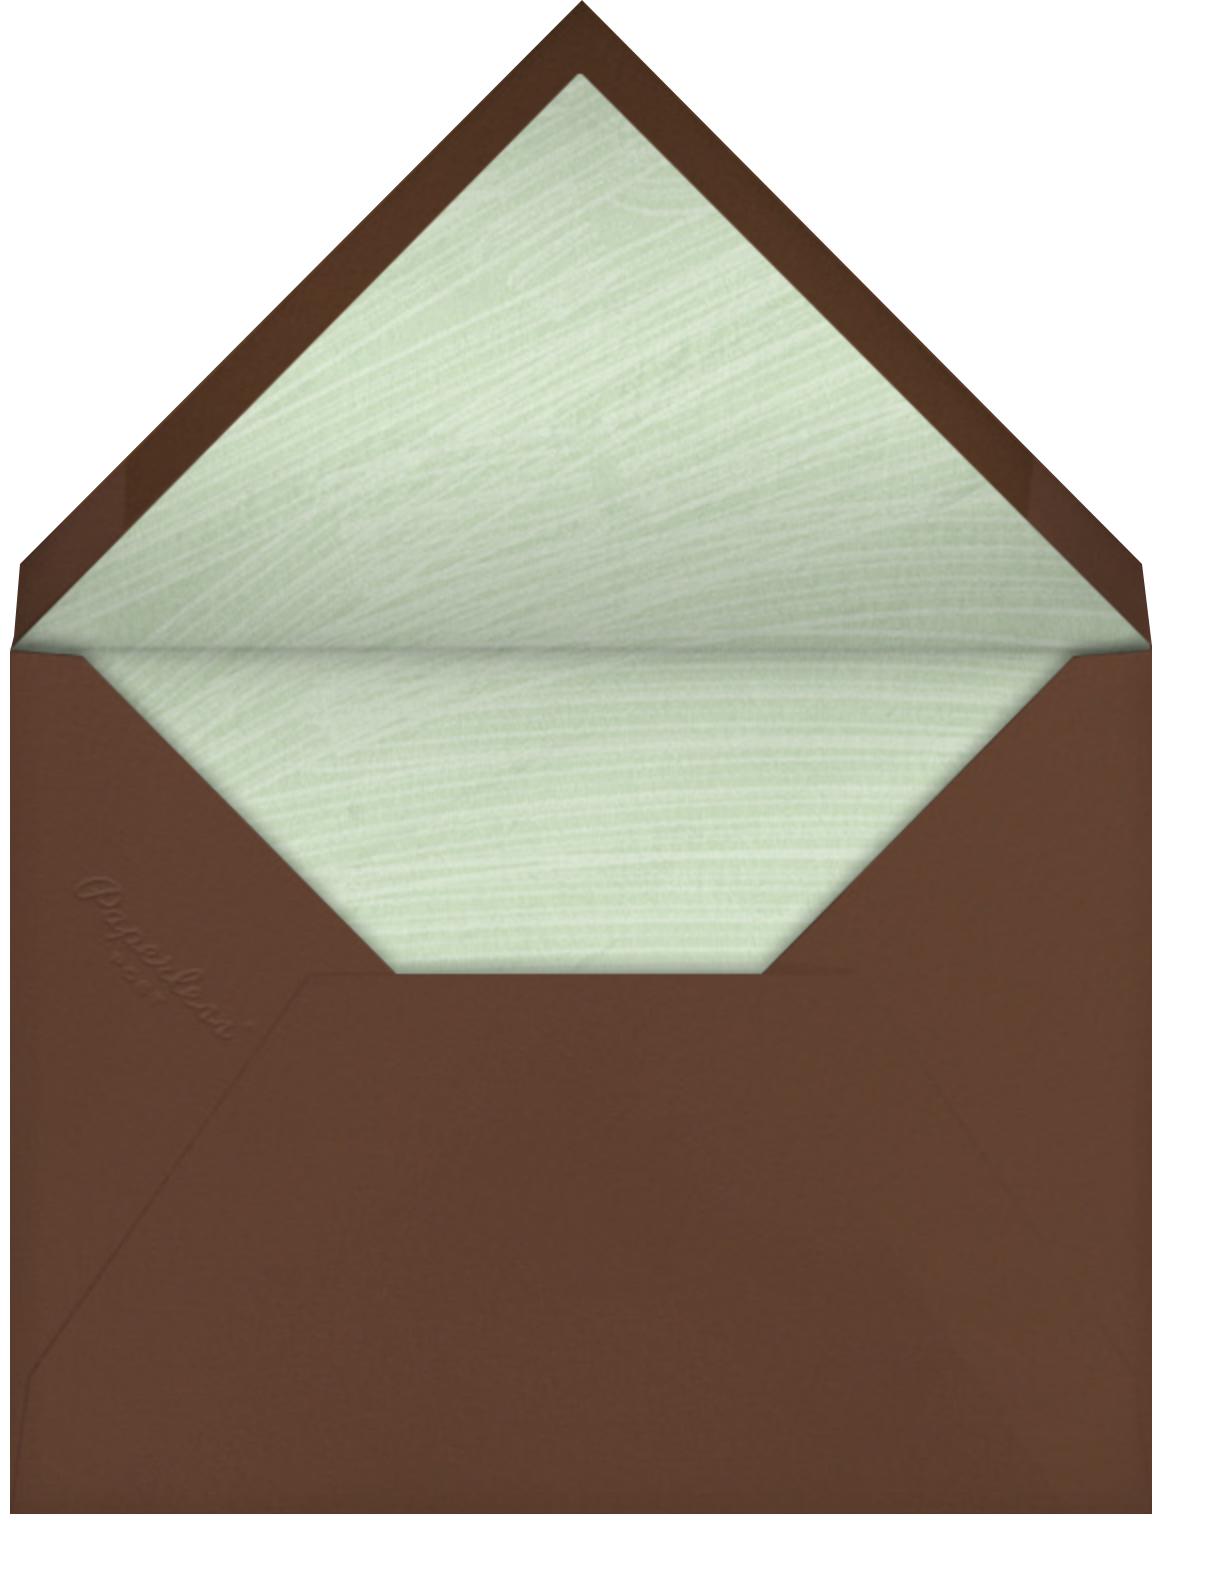 Skewered - Paperless Post - Envelope